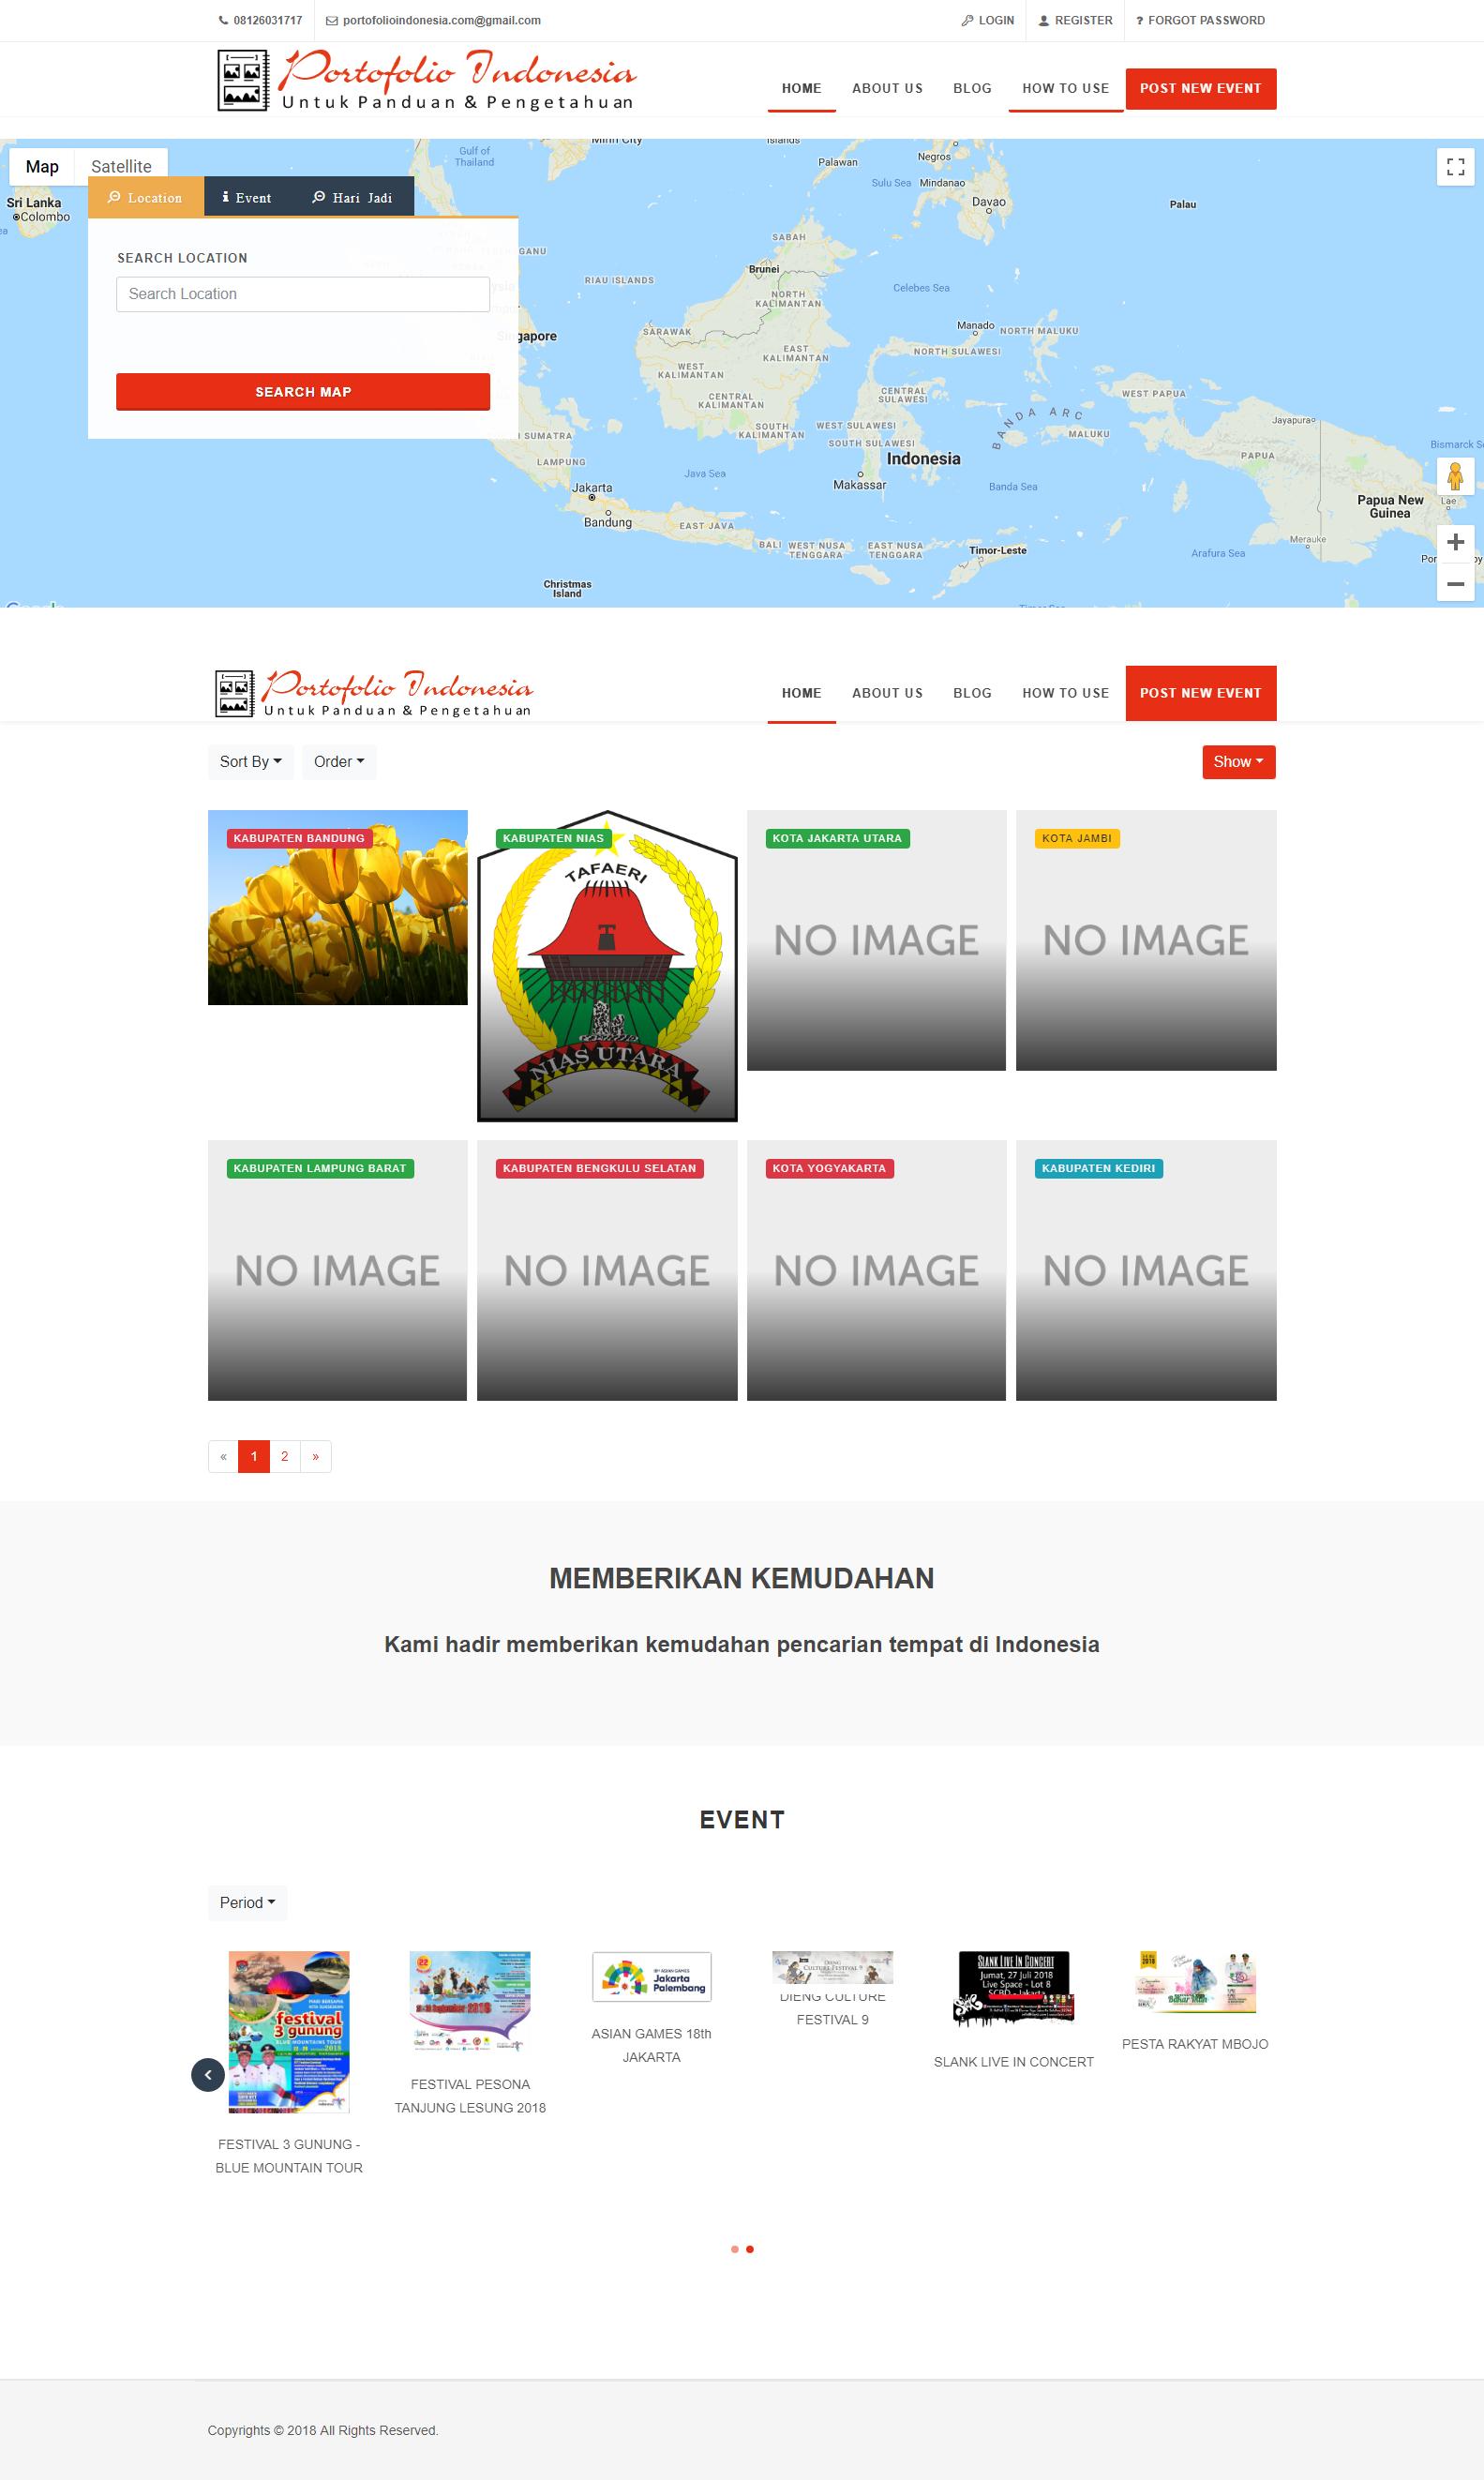 jasa pembuatan websit profesional